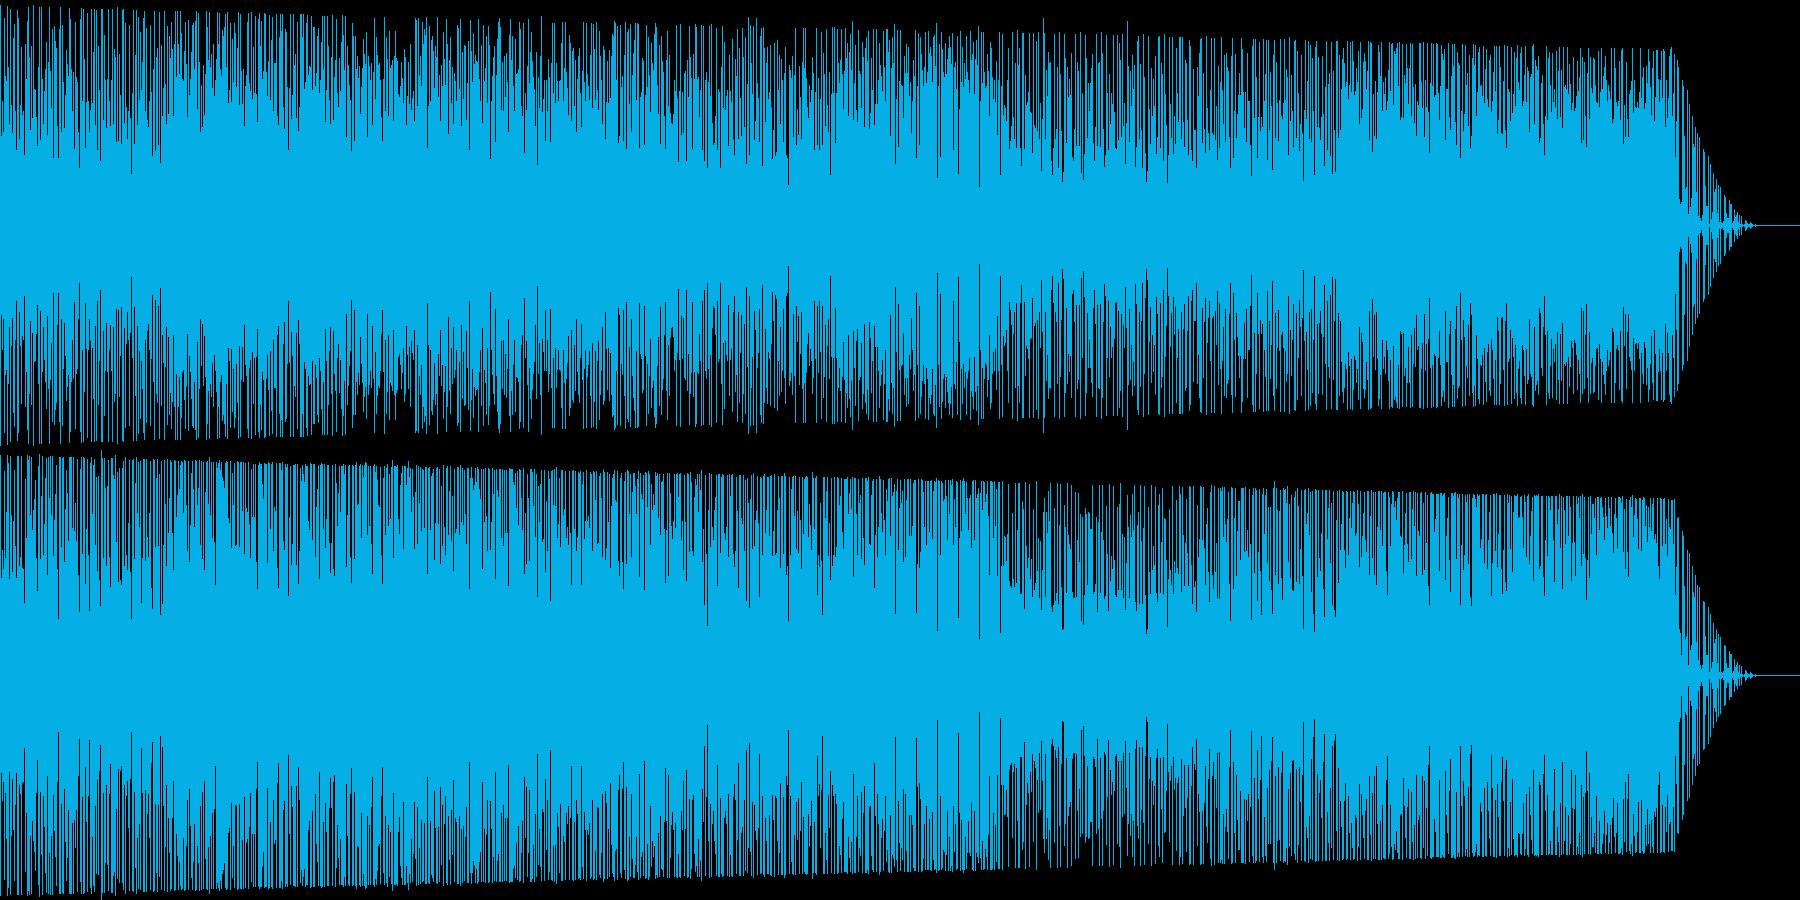 インド風エスニックBGMですの再生済みの波形